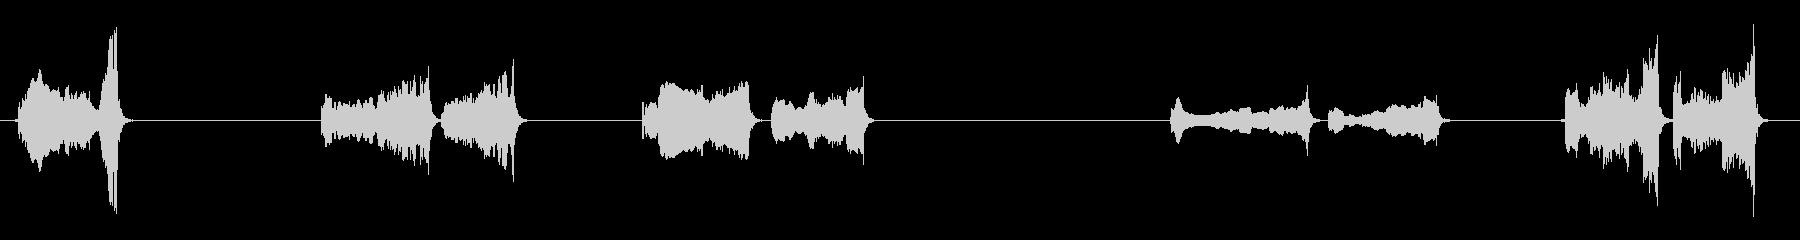 いくつかの孤立したハヤブサの鳴き声の未再生の波形